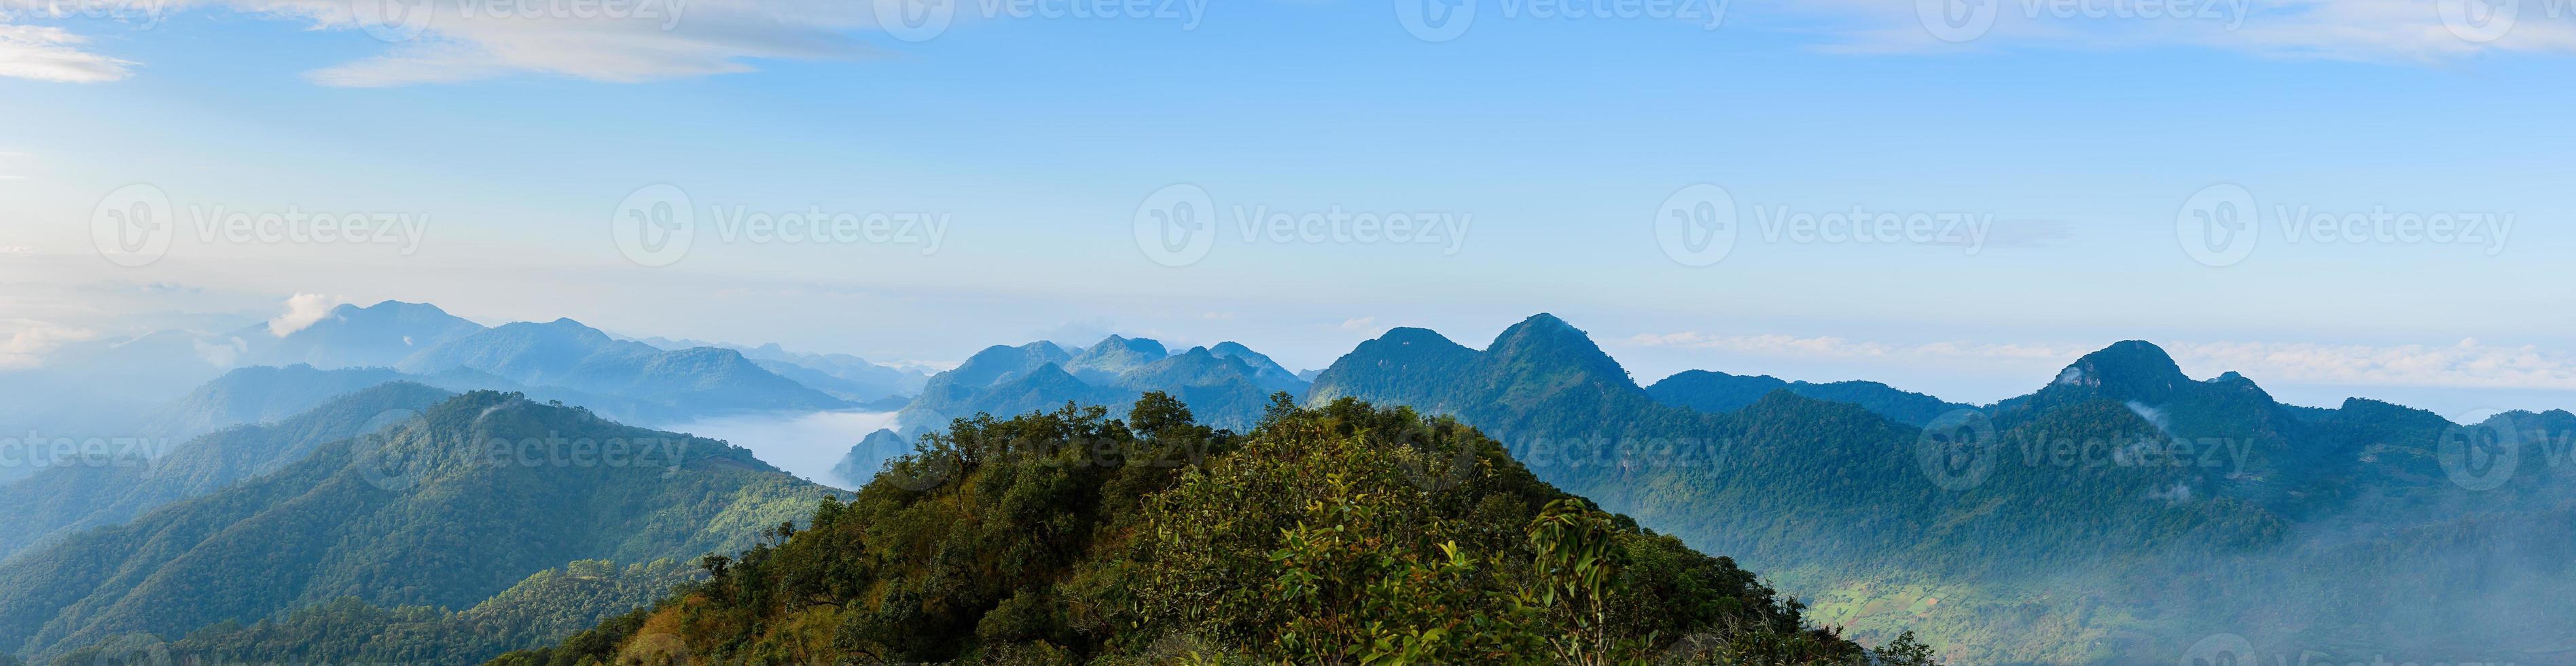 montanhas azuis no meio do nevoeiro foto